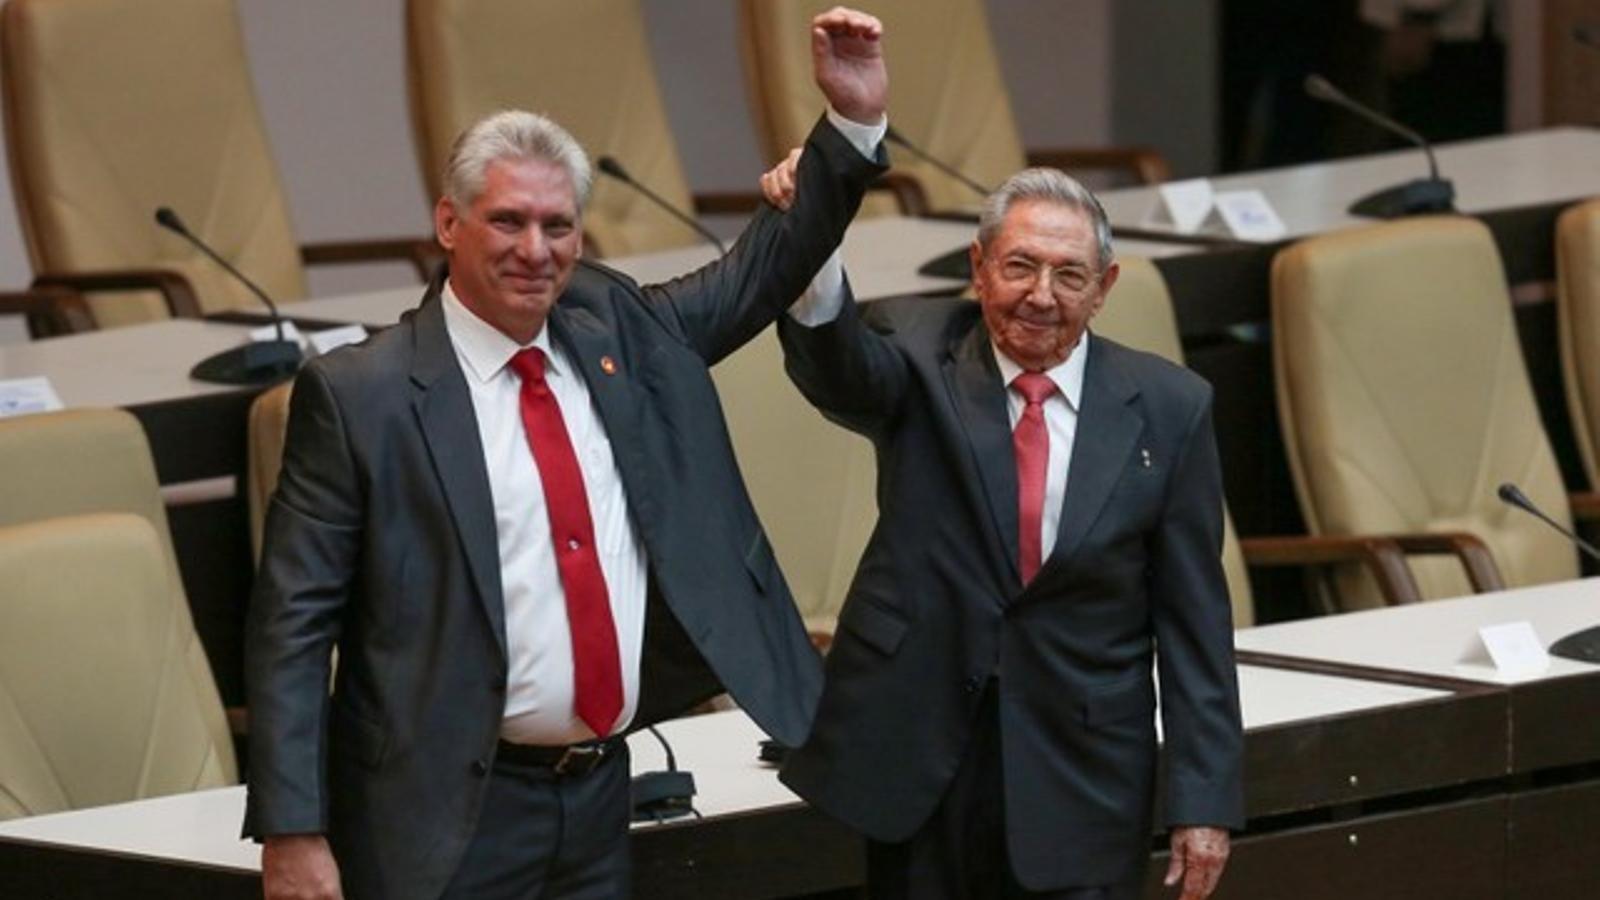 El president sortint, raúl castro, aixeca el braç del nou president de Cuba, Miguel Díaz-Canel.